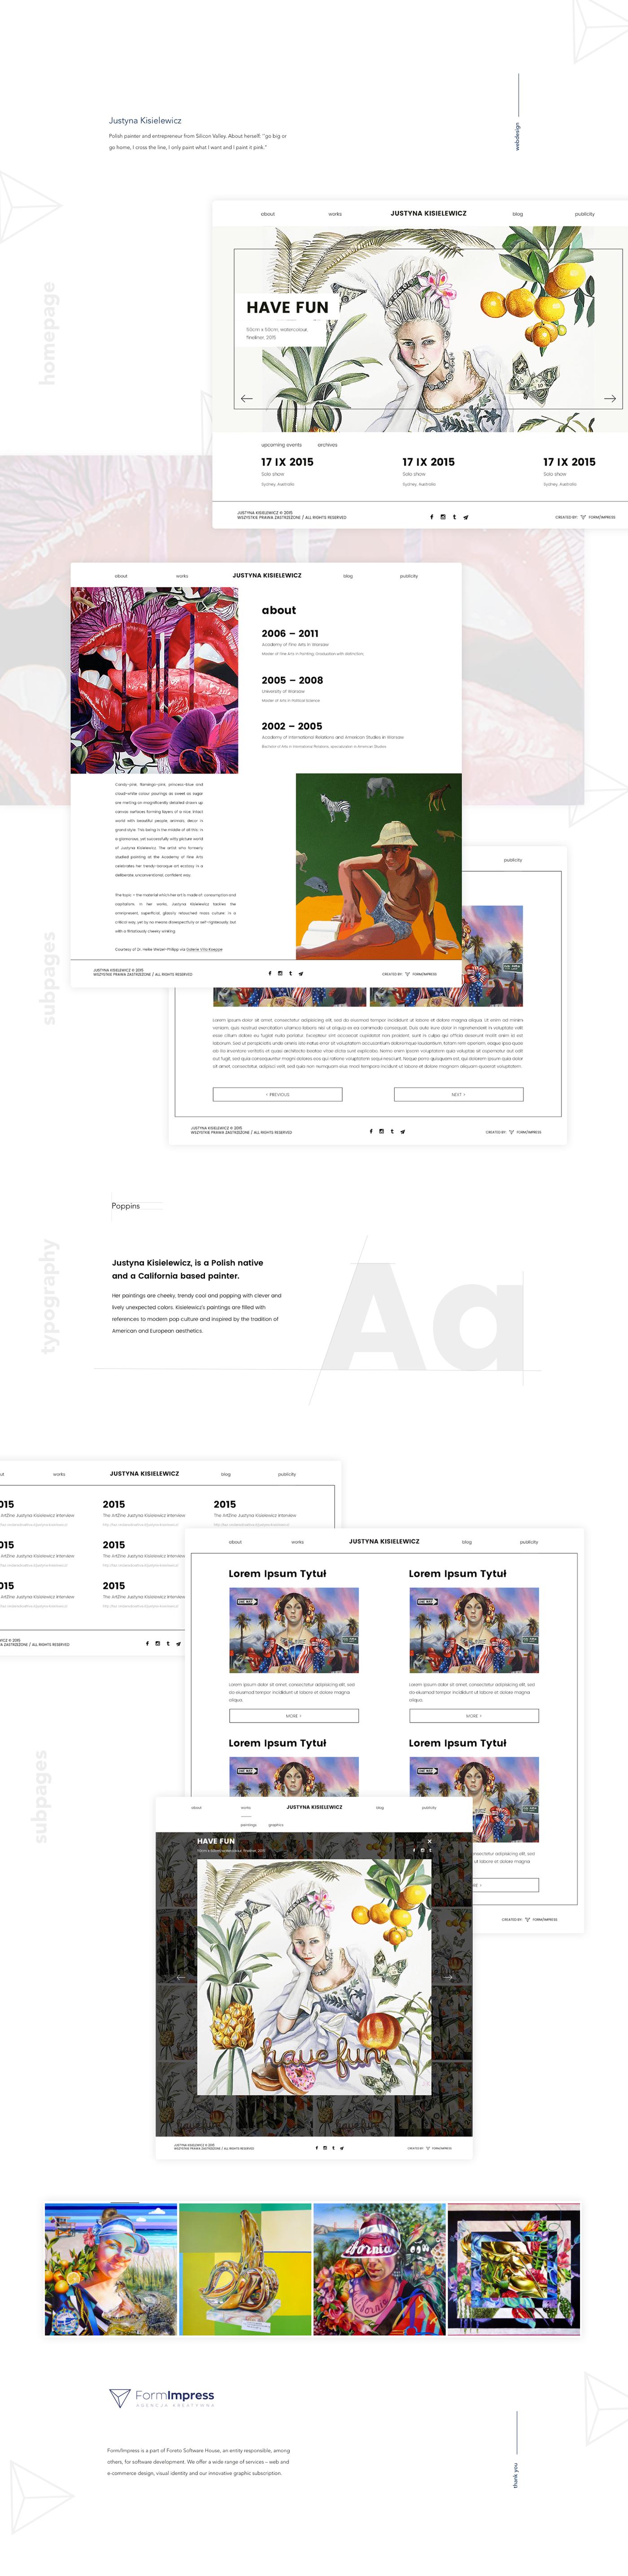 Website UI/UX artist justyna kisielewicz formimpress poland polska rwd Web Design